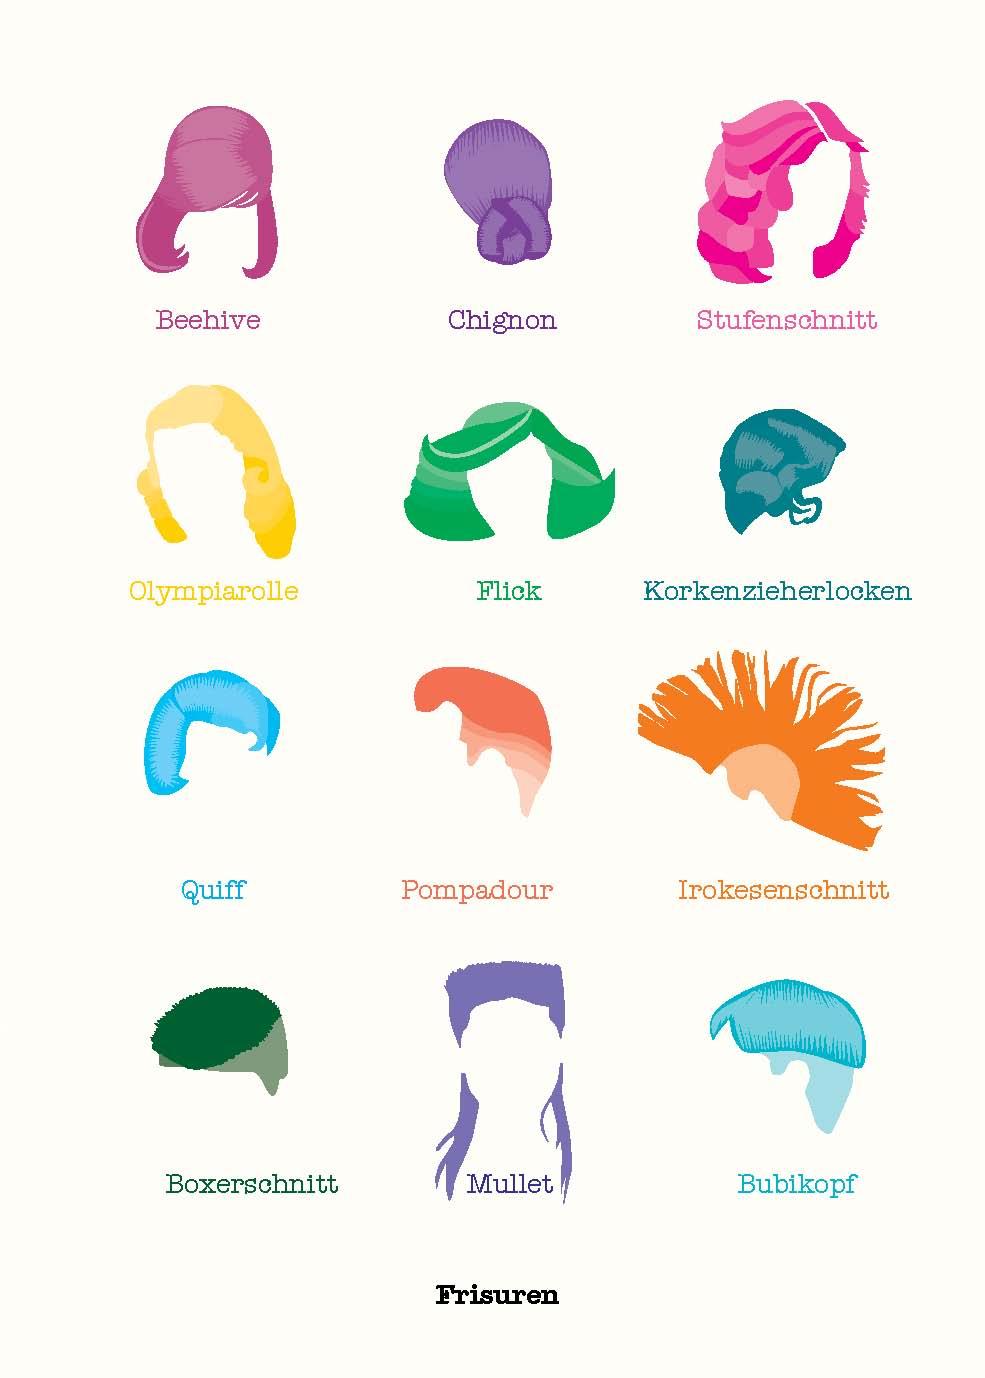 bekannte Frisuren auf einen Blick